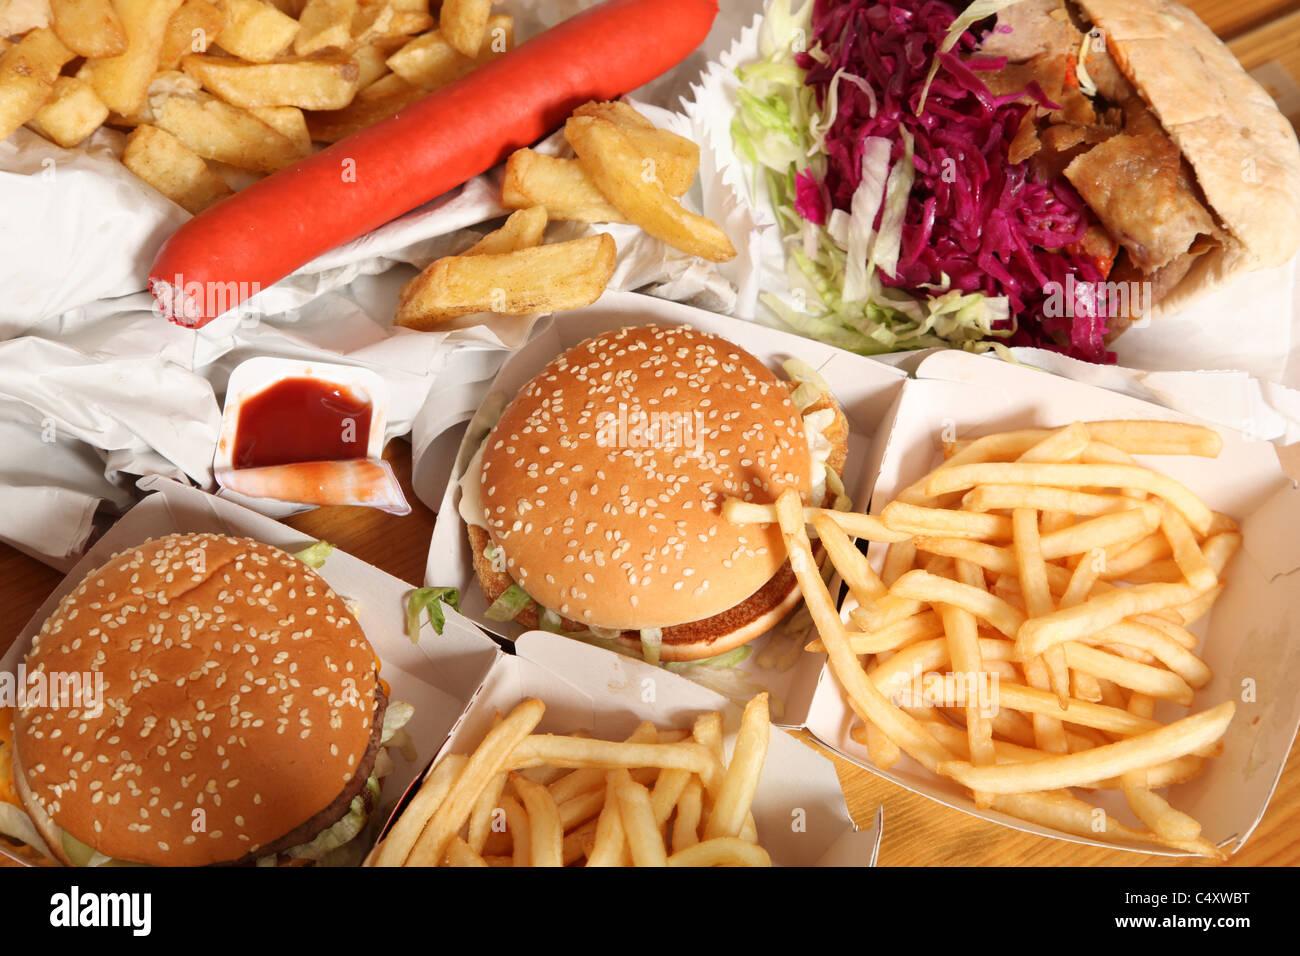 Kebab, hamburguesas, patatas fritas y otros alimentos fritos grasos insalubres. Imagen De Stock